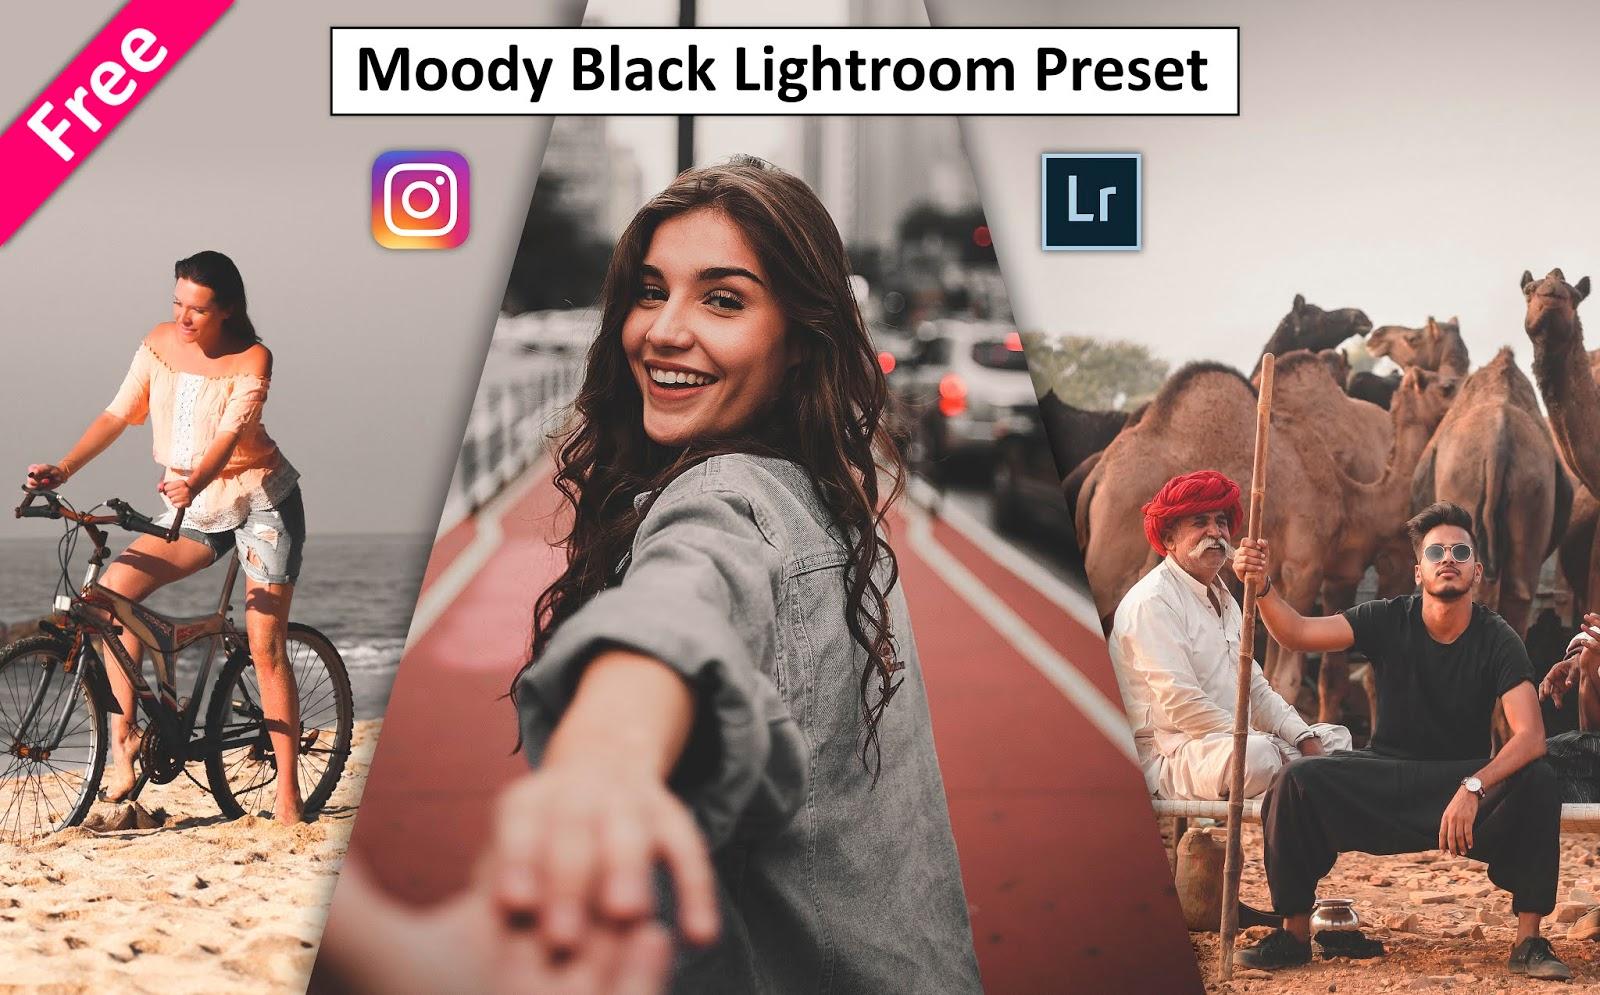 Get Moody Matt Black Lightroom Preset for Free 2020